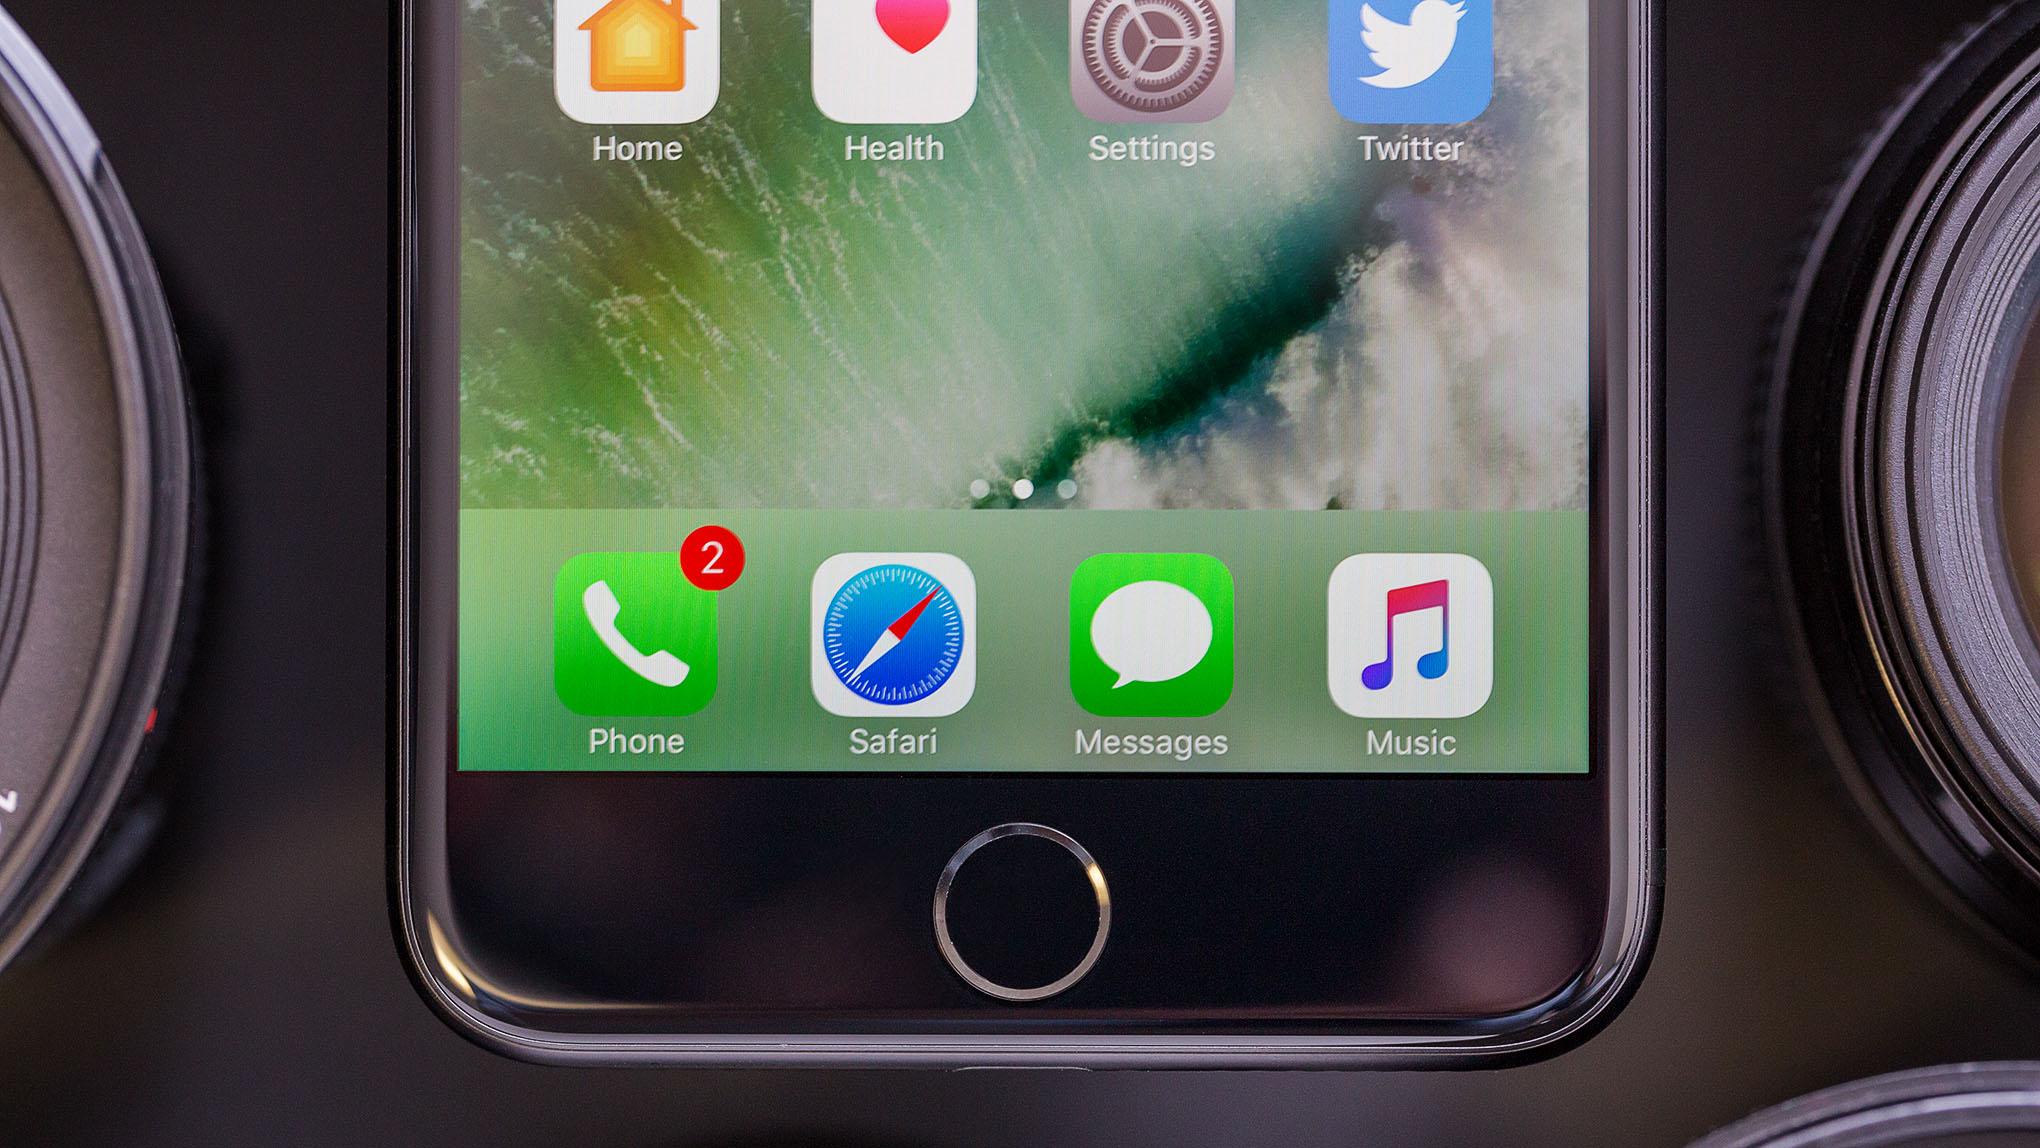 iphone7-homeknop-16x9